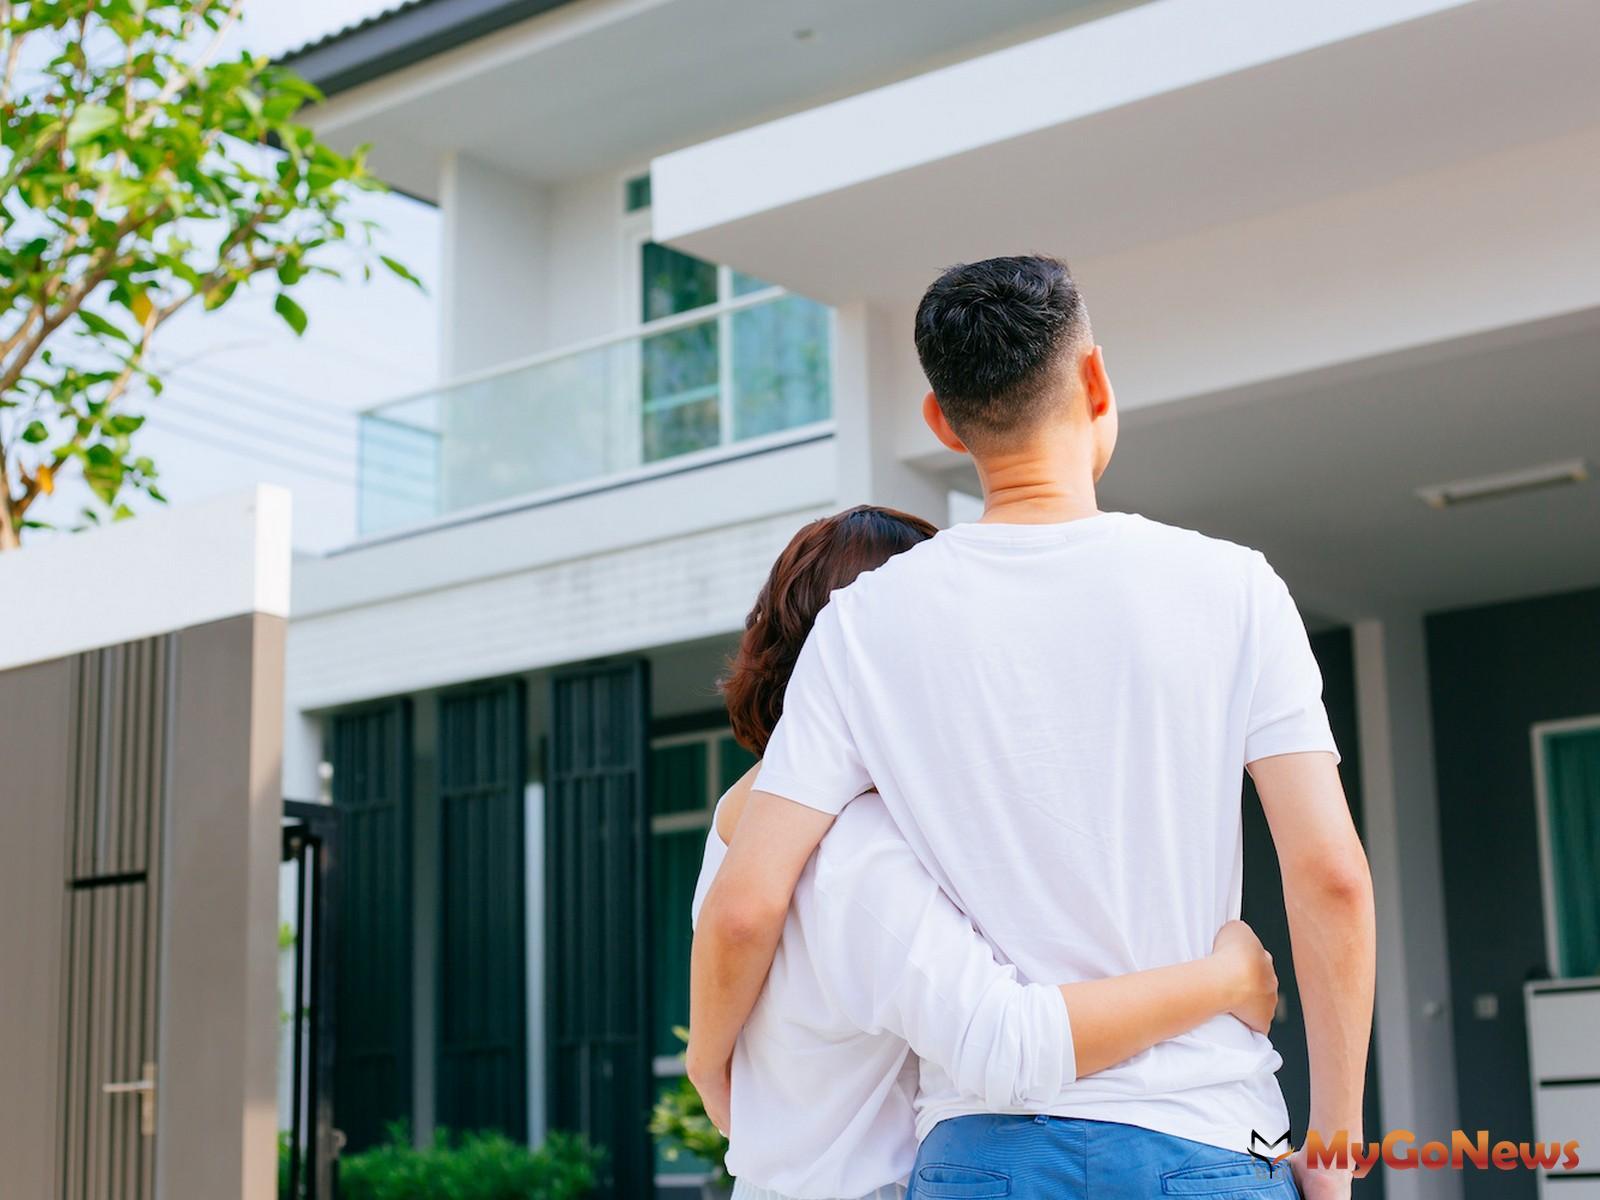 民眾買房前應做好功課,並評估自身需求來選擇要買哪一種房型(圖:21世紀不動產)。 MyGoNews房地產新聞 市場快訊